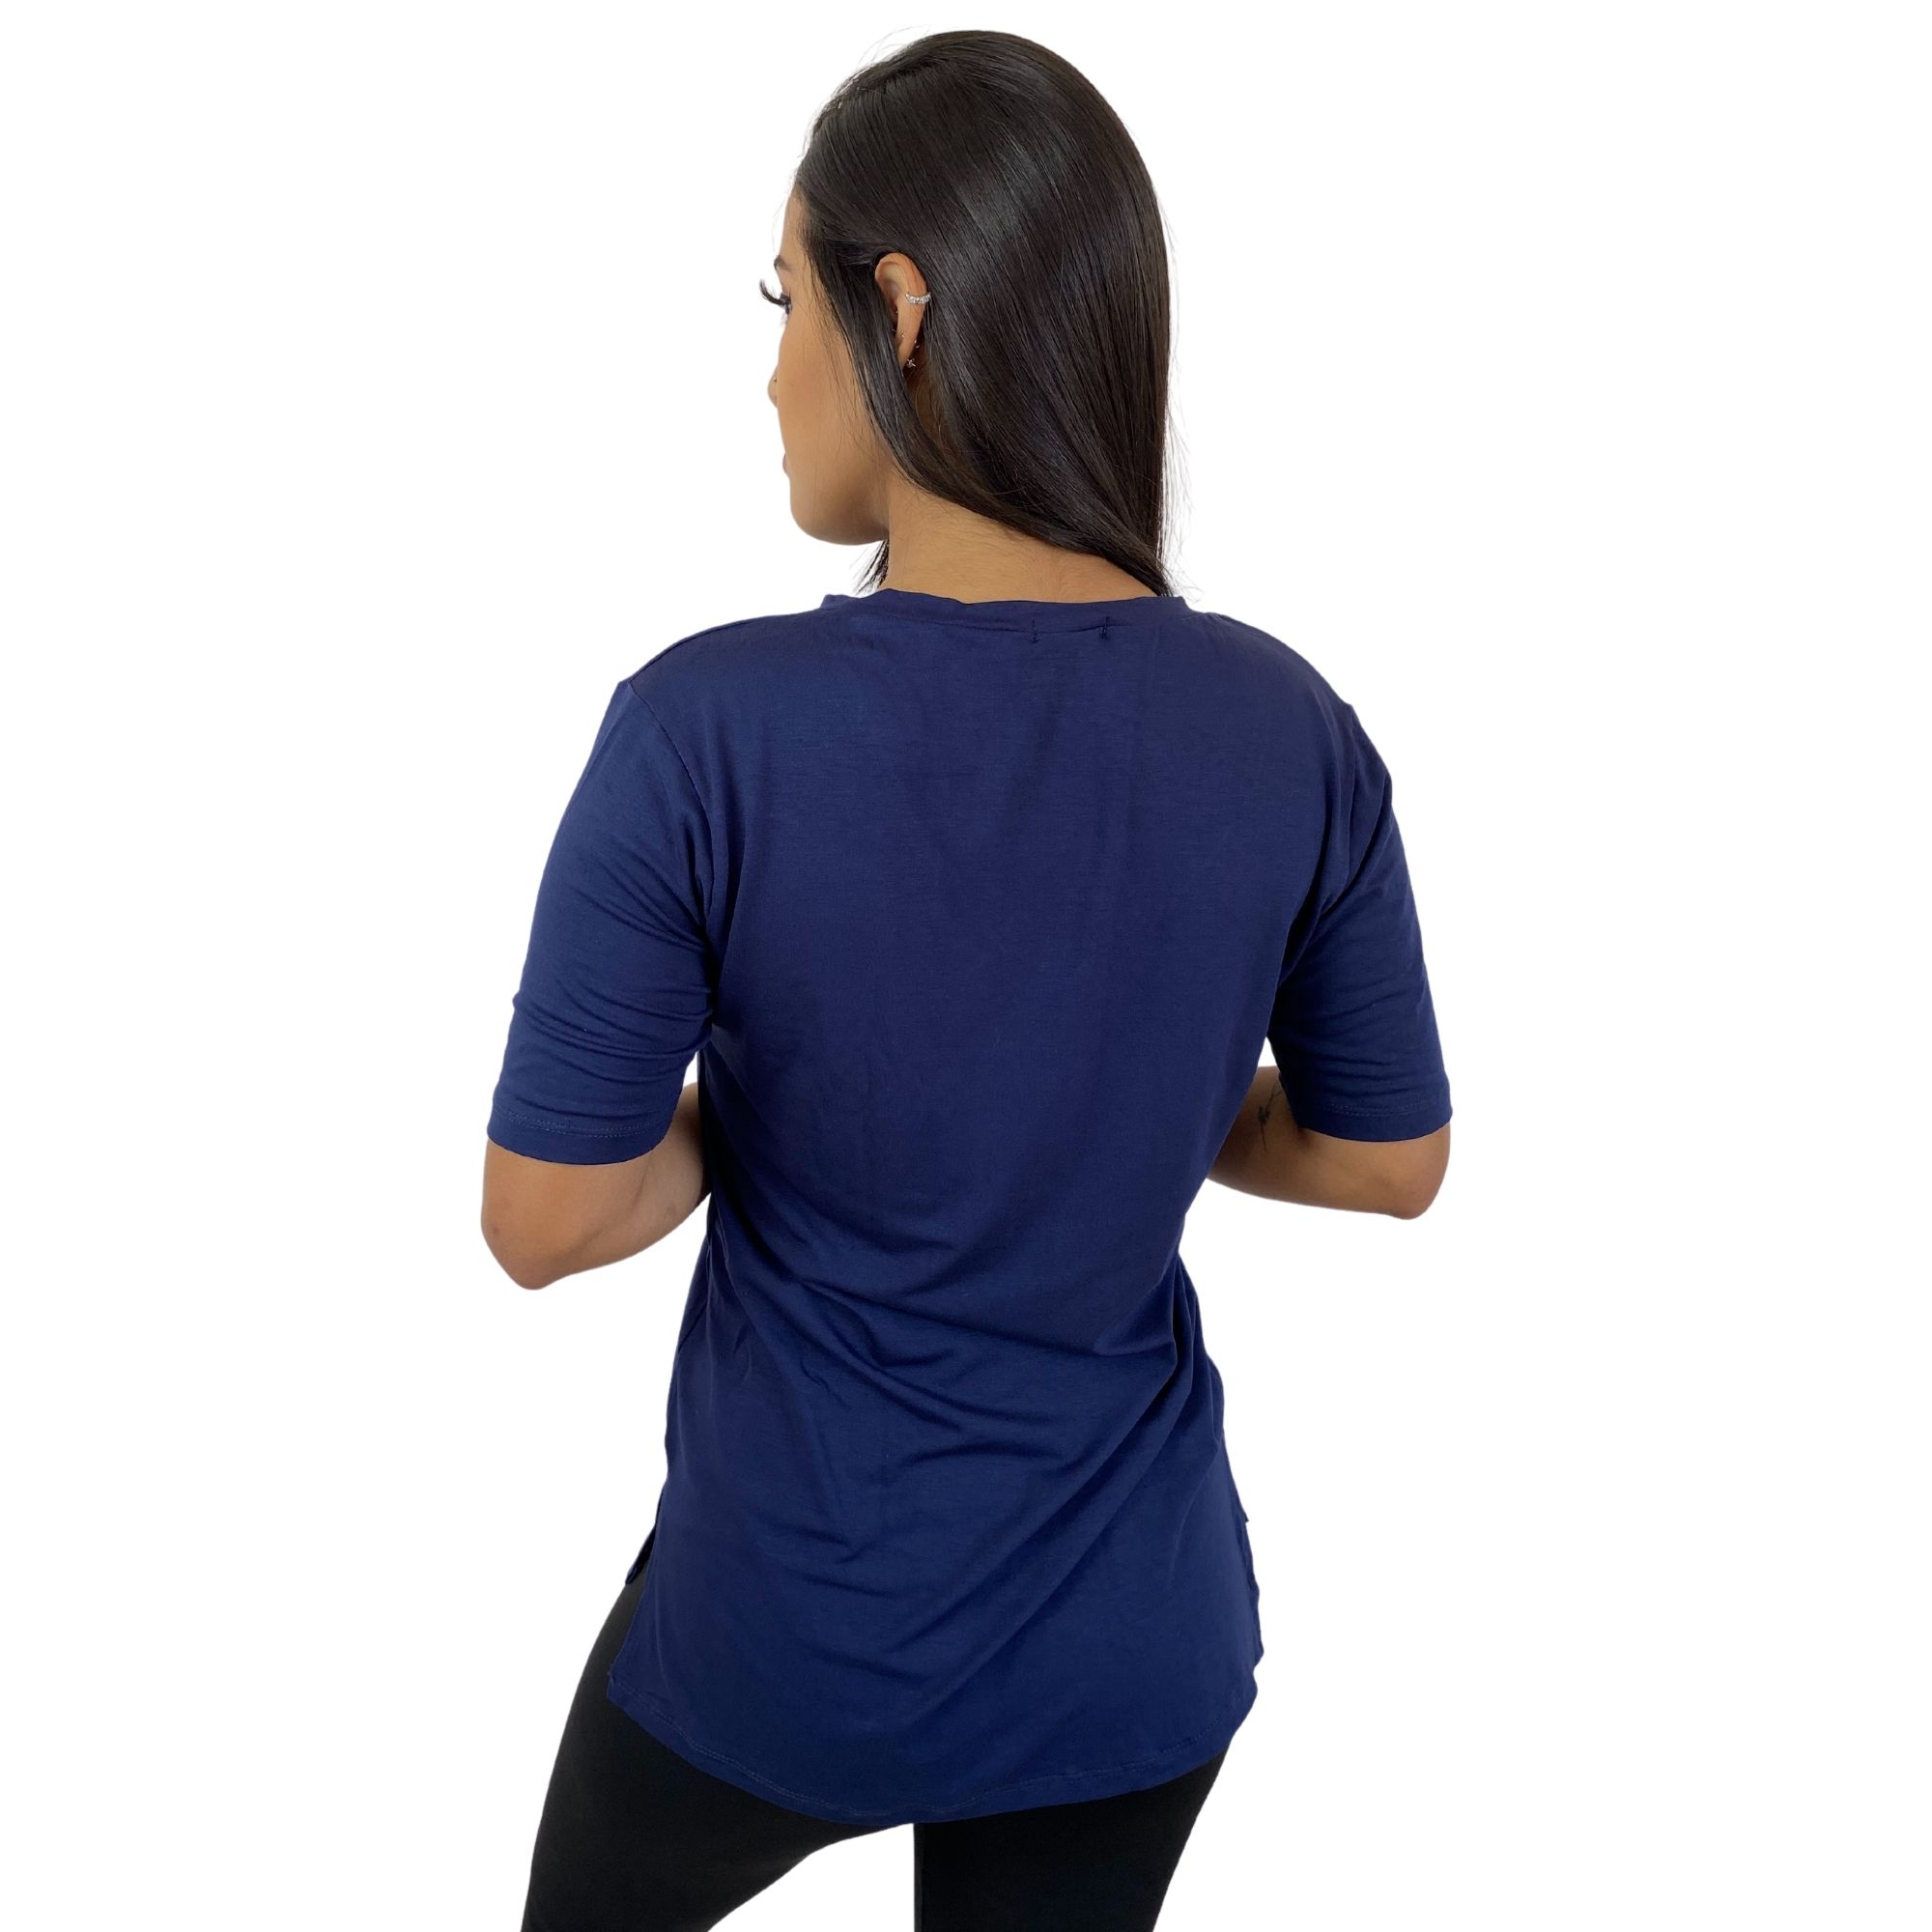 Kit 3 Camiseta Tapa Bumbum Manga Curta